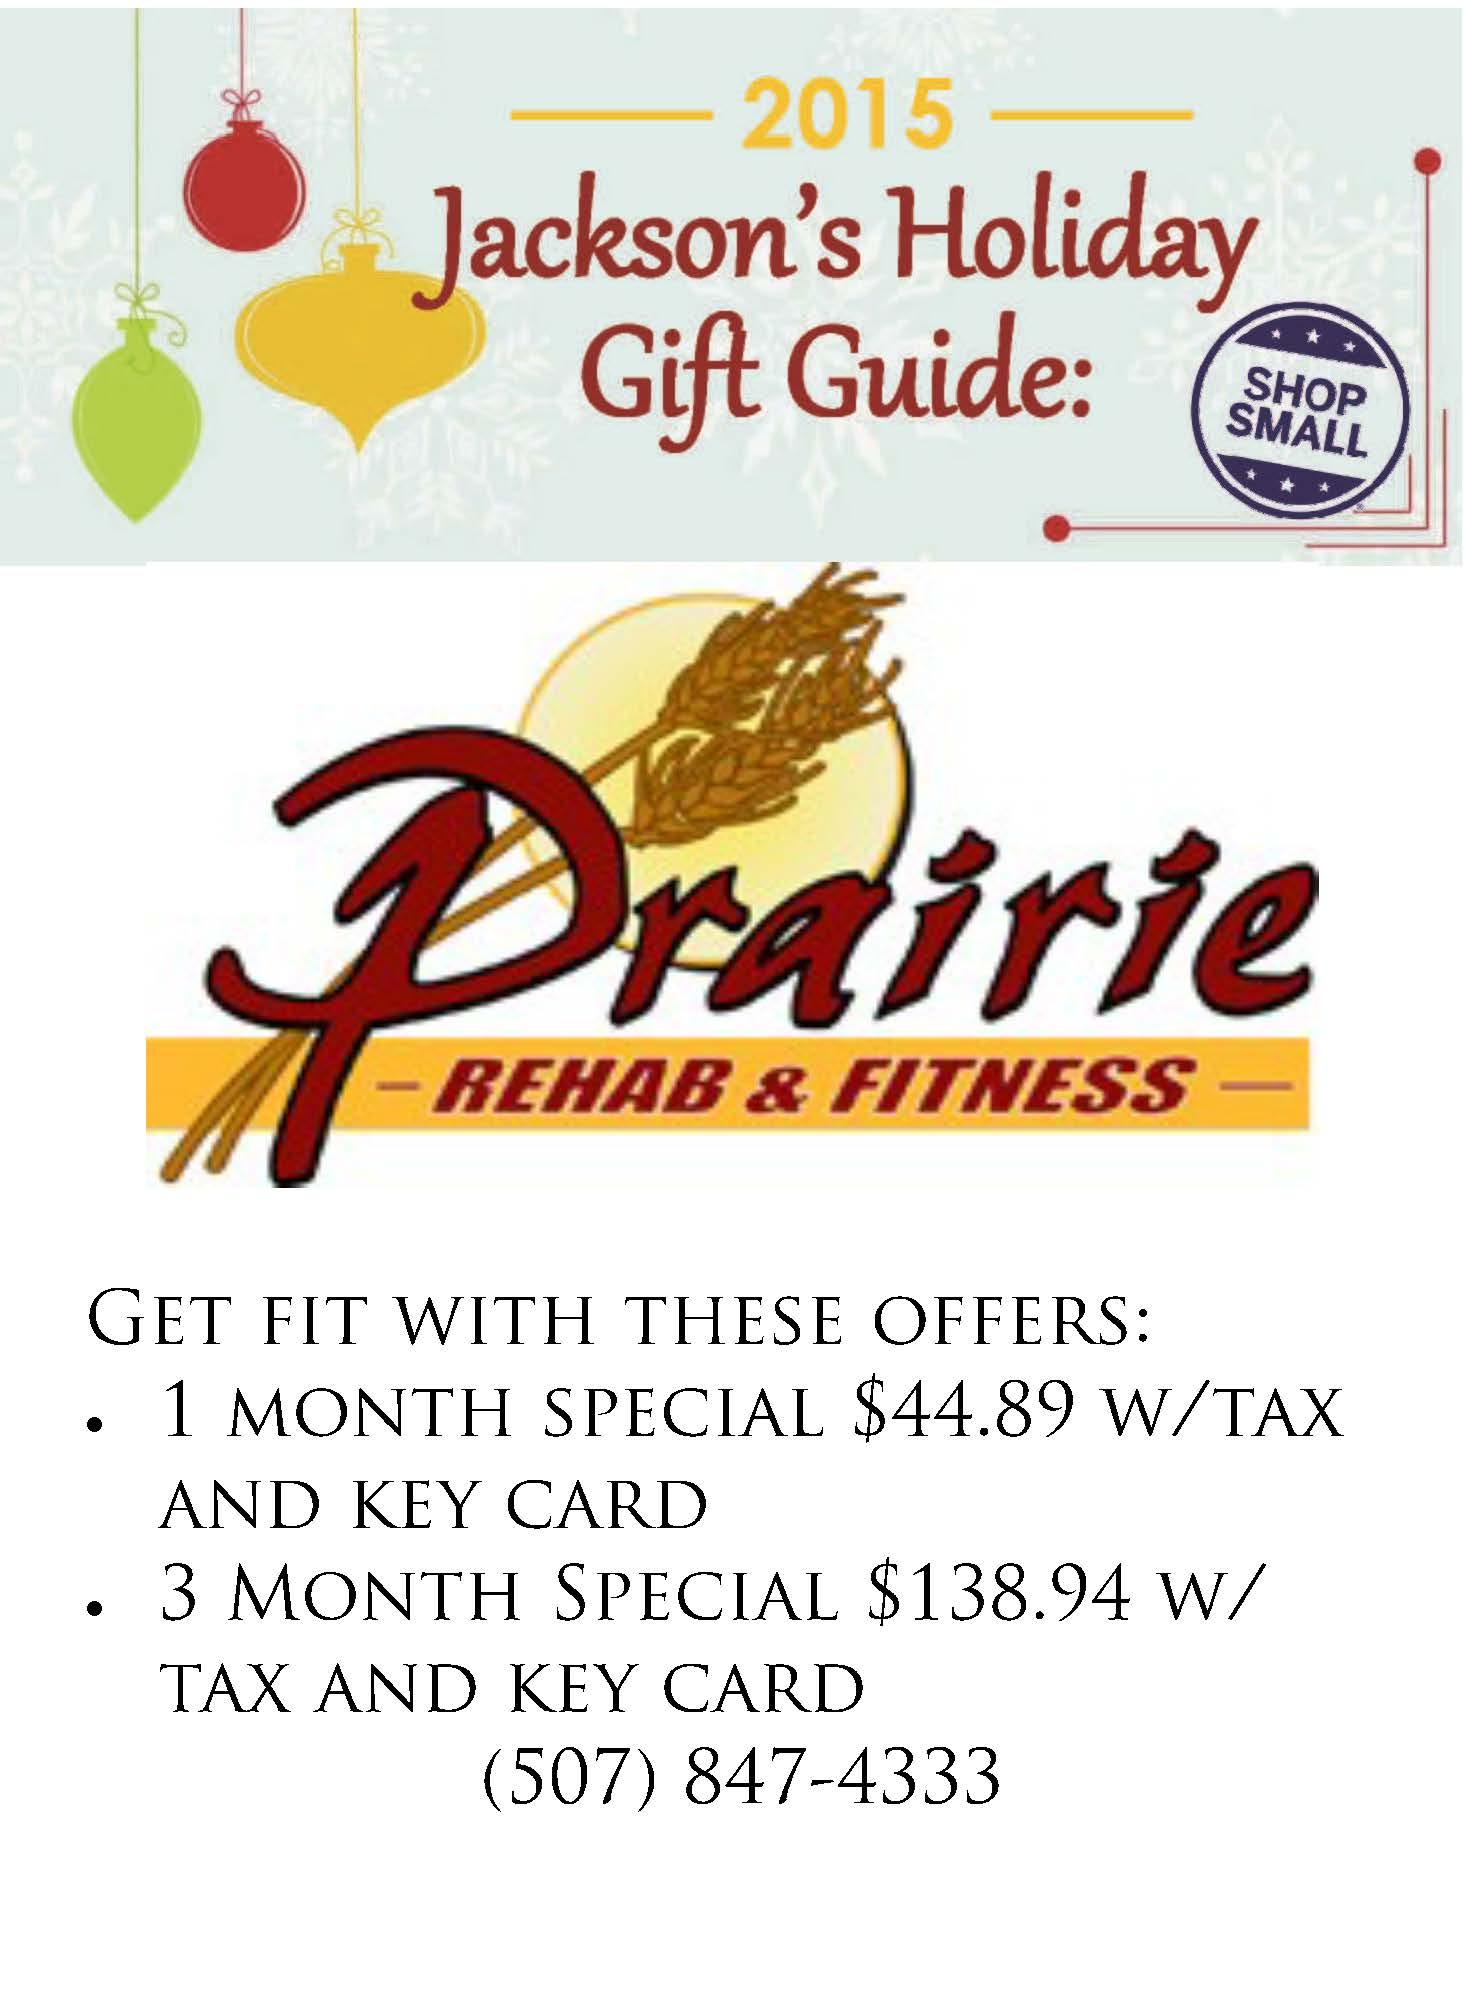 Gift_Guide_Prairie_Rehab.jpg